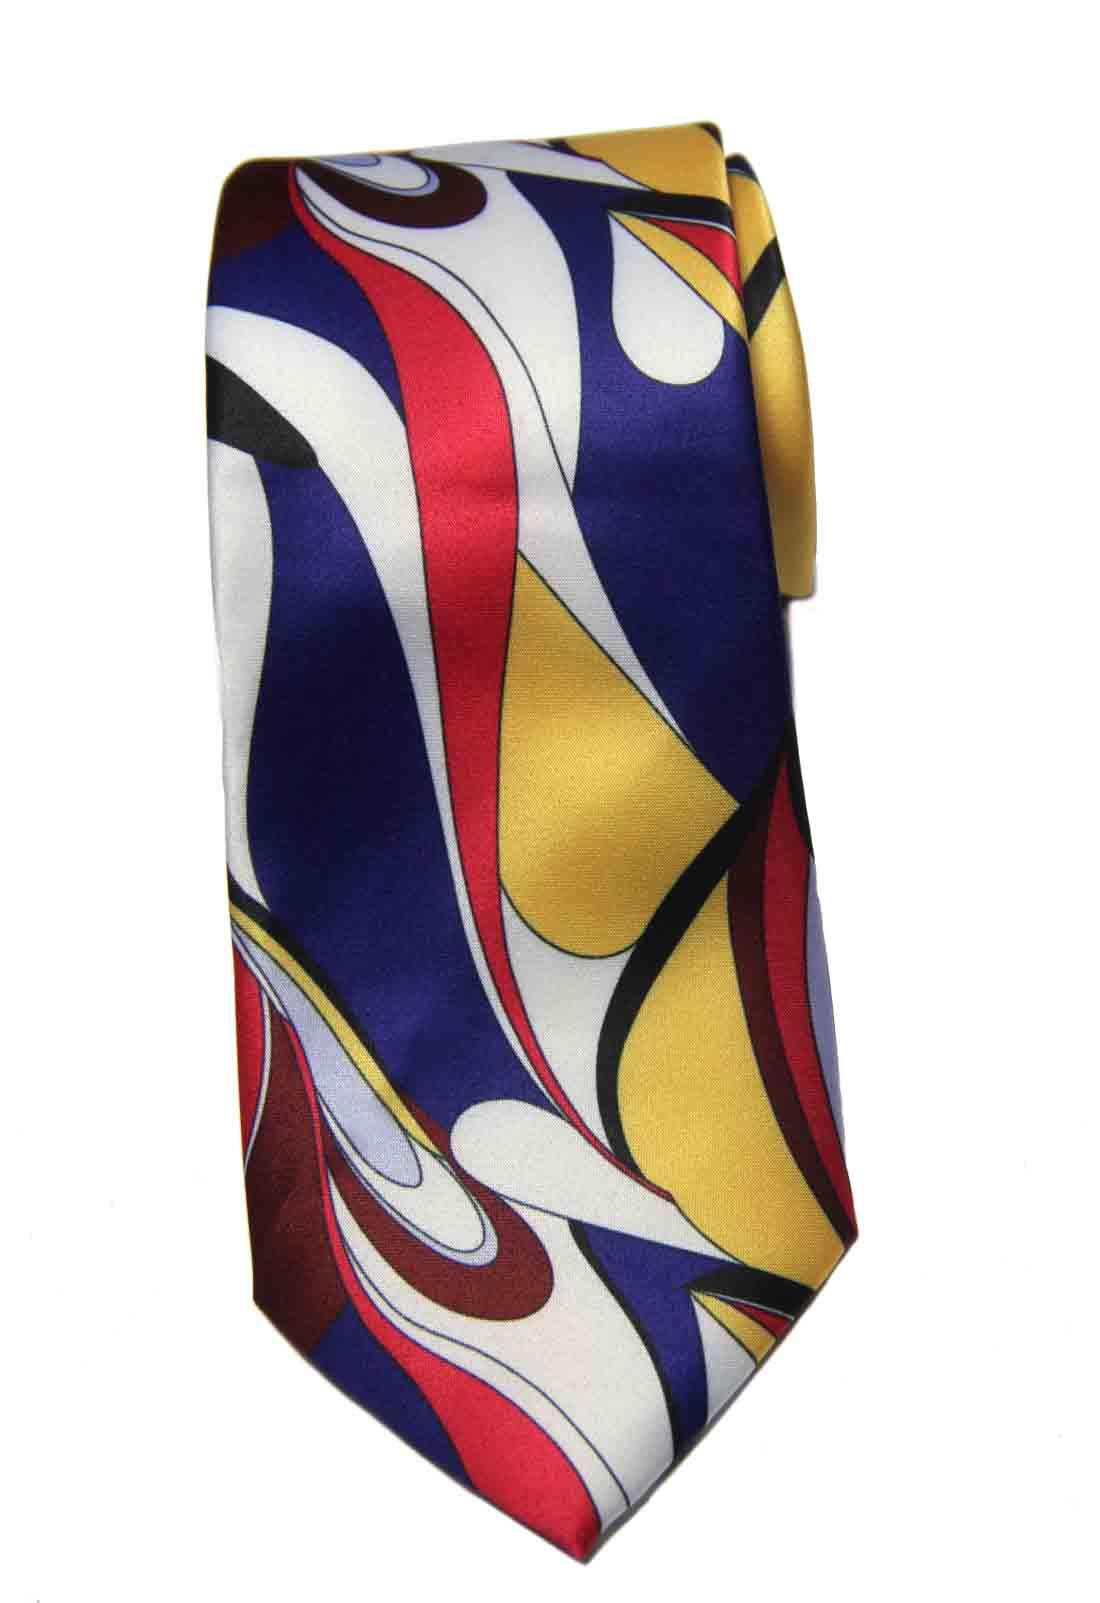 Barry Wang for Gascoigne Silk Tie 1960s Mod Pattern Men's Long